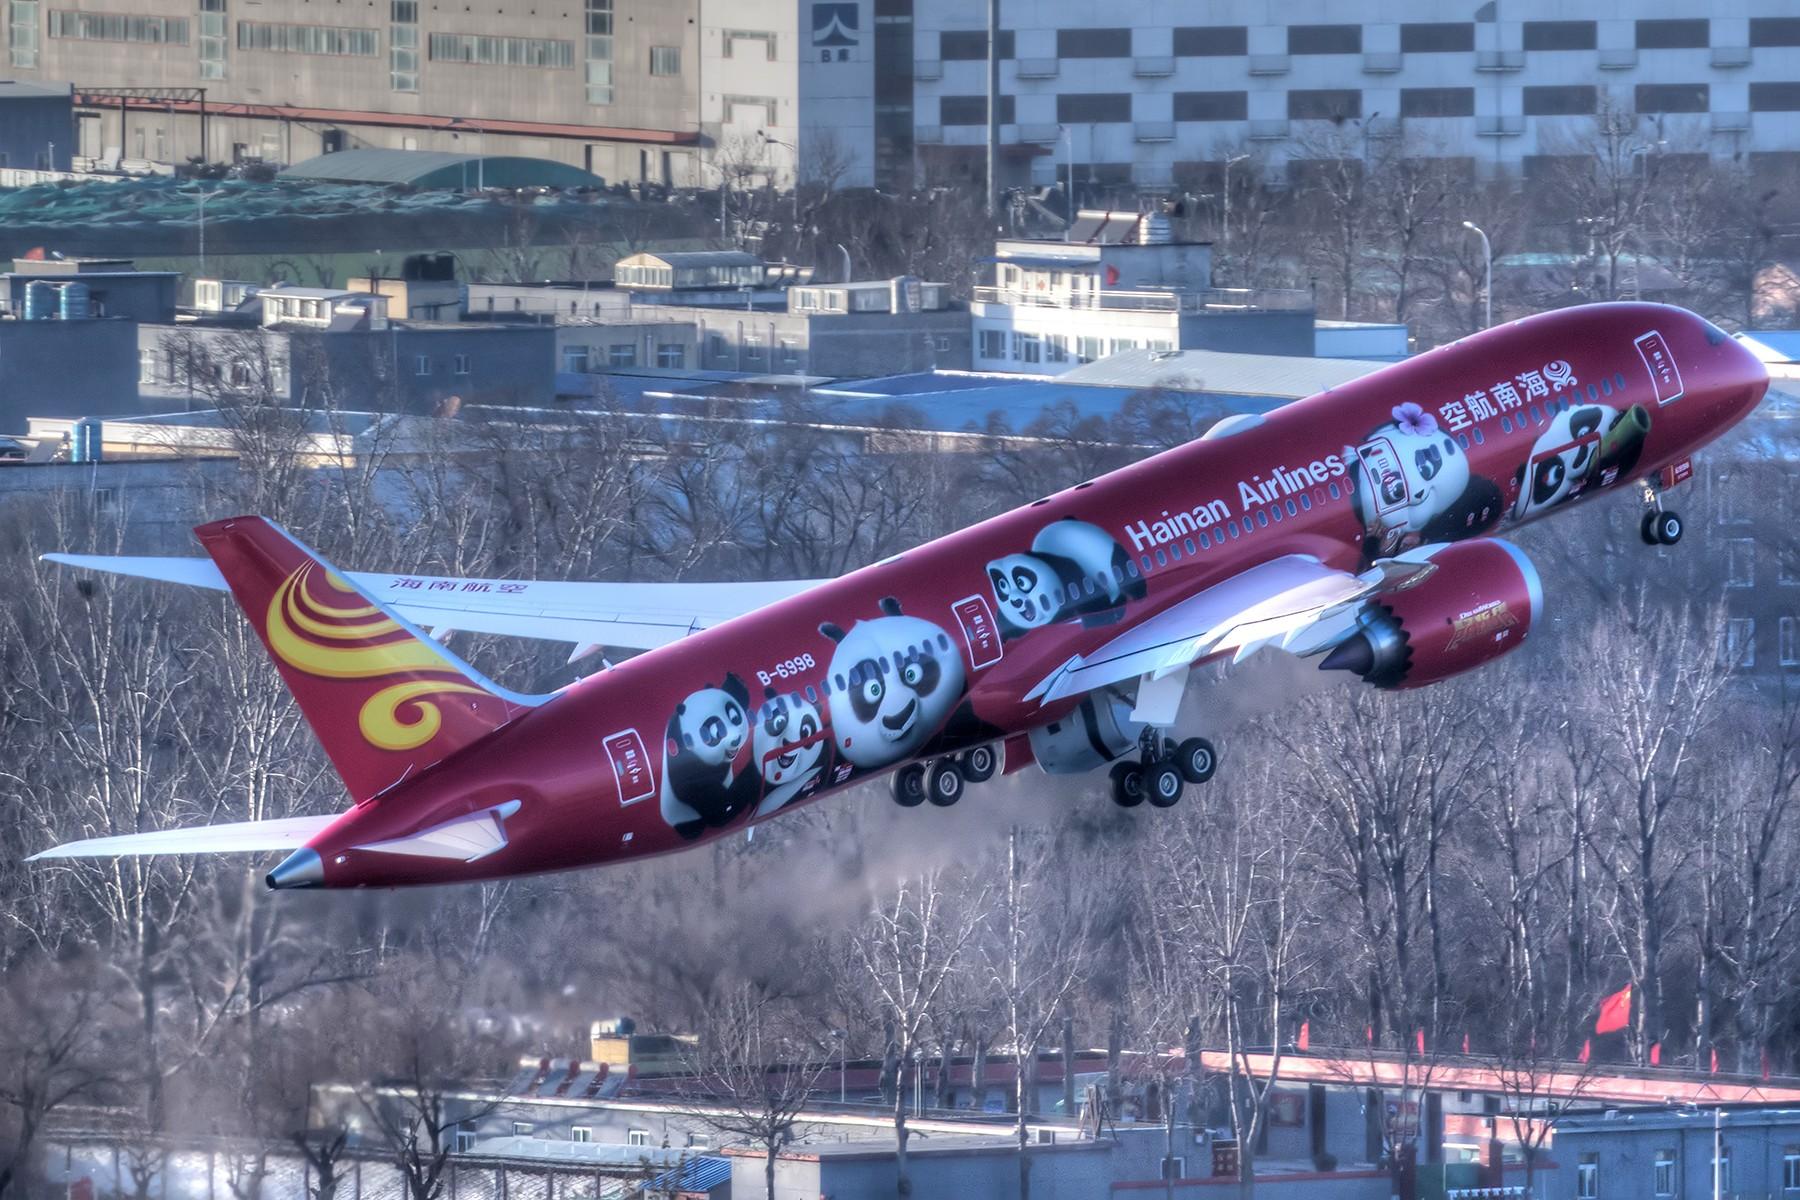 [原创]**一图党**明天值班提前拜年,功夫熊猫红红火火祝各位春节快乐! BOEING 787-9 B-6998 中国北京首都国际机场